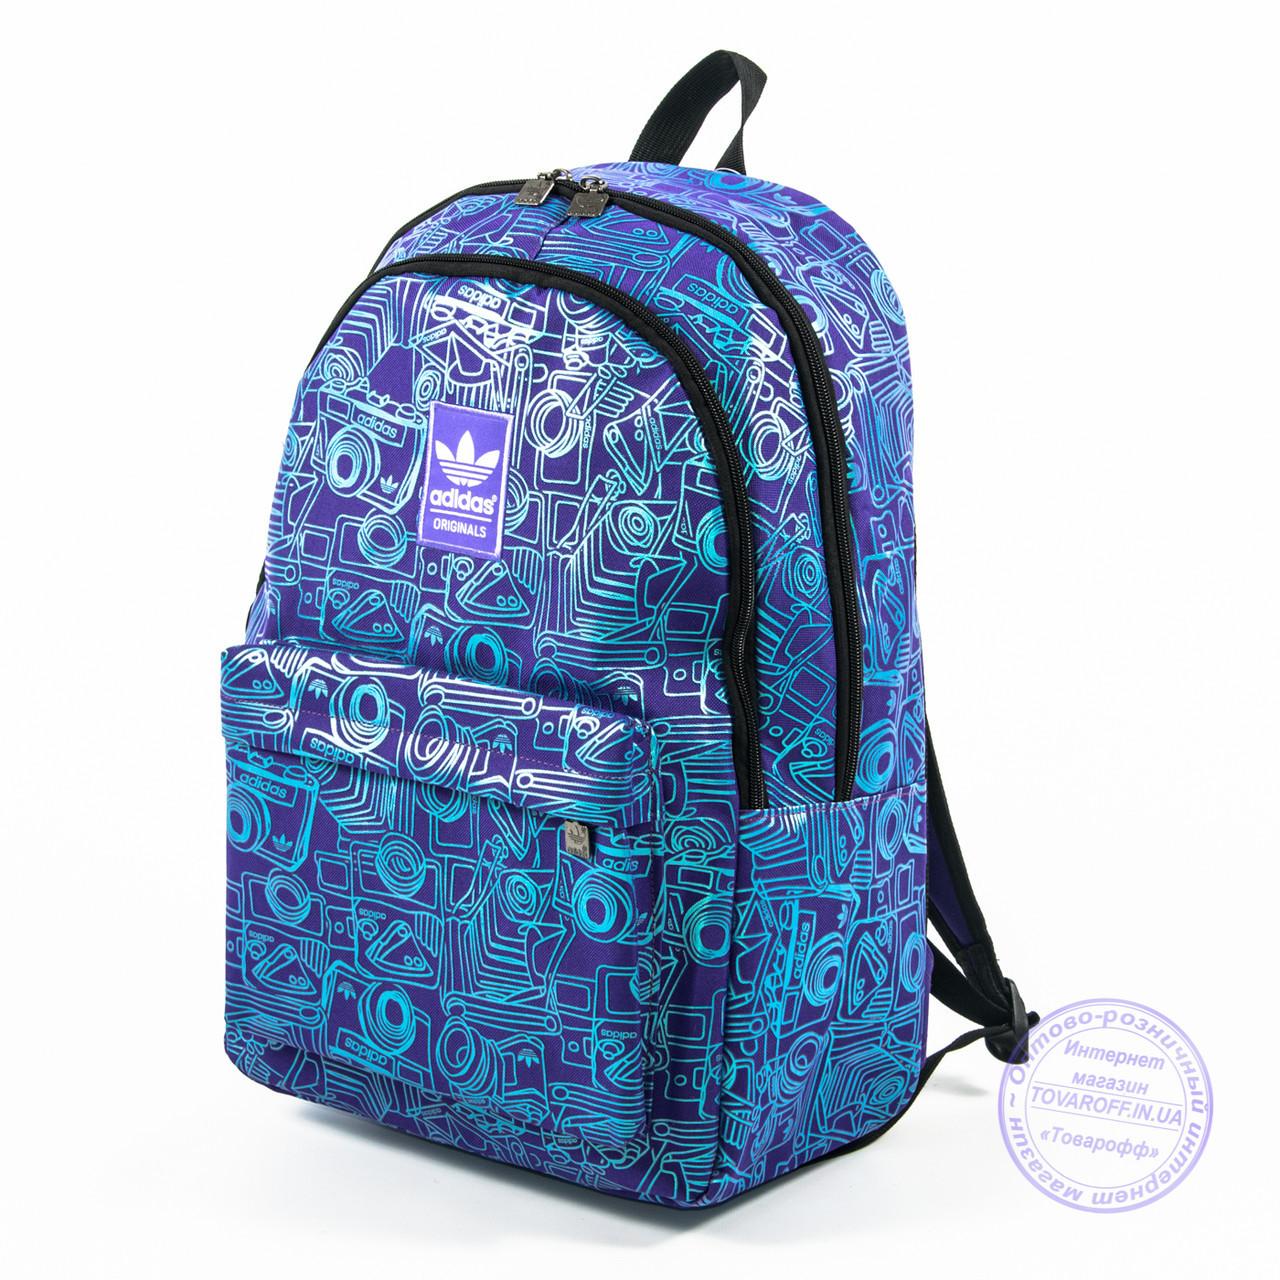 c30bb8af508d Оптом спортивный рюкзак Adidas - сиреневый - 605 - купить по лучшей ...